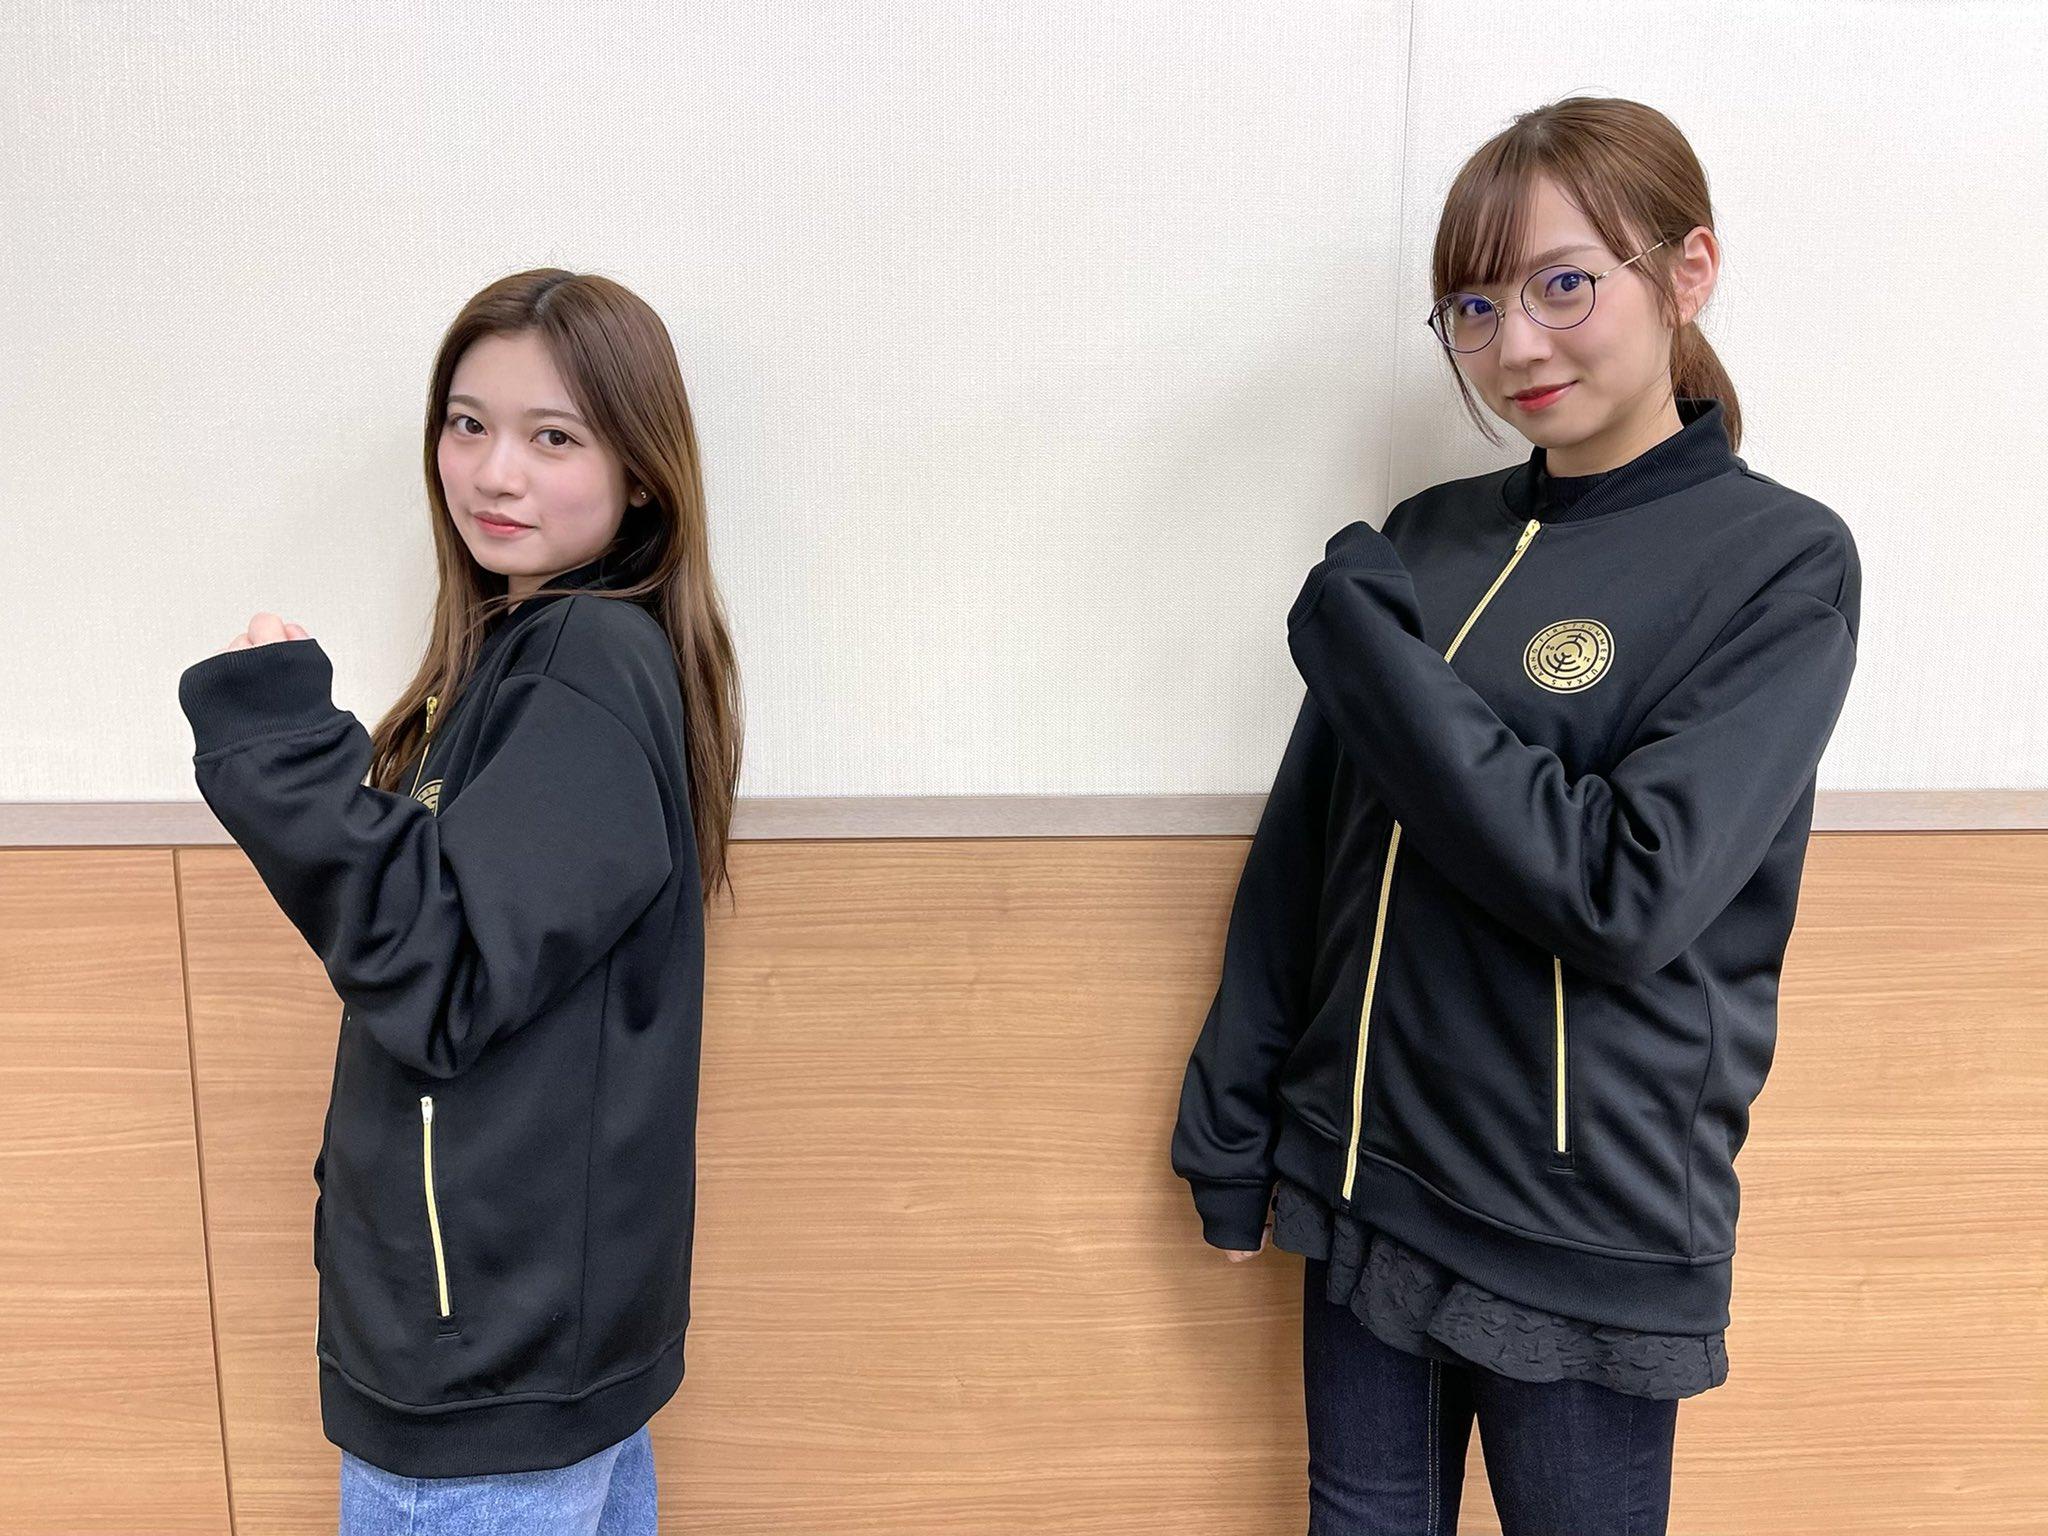 乃木坂46のオールナイトニッポン 寺田蘭世 新内眞衣